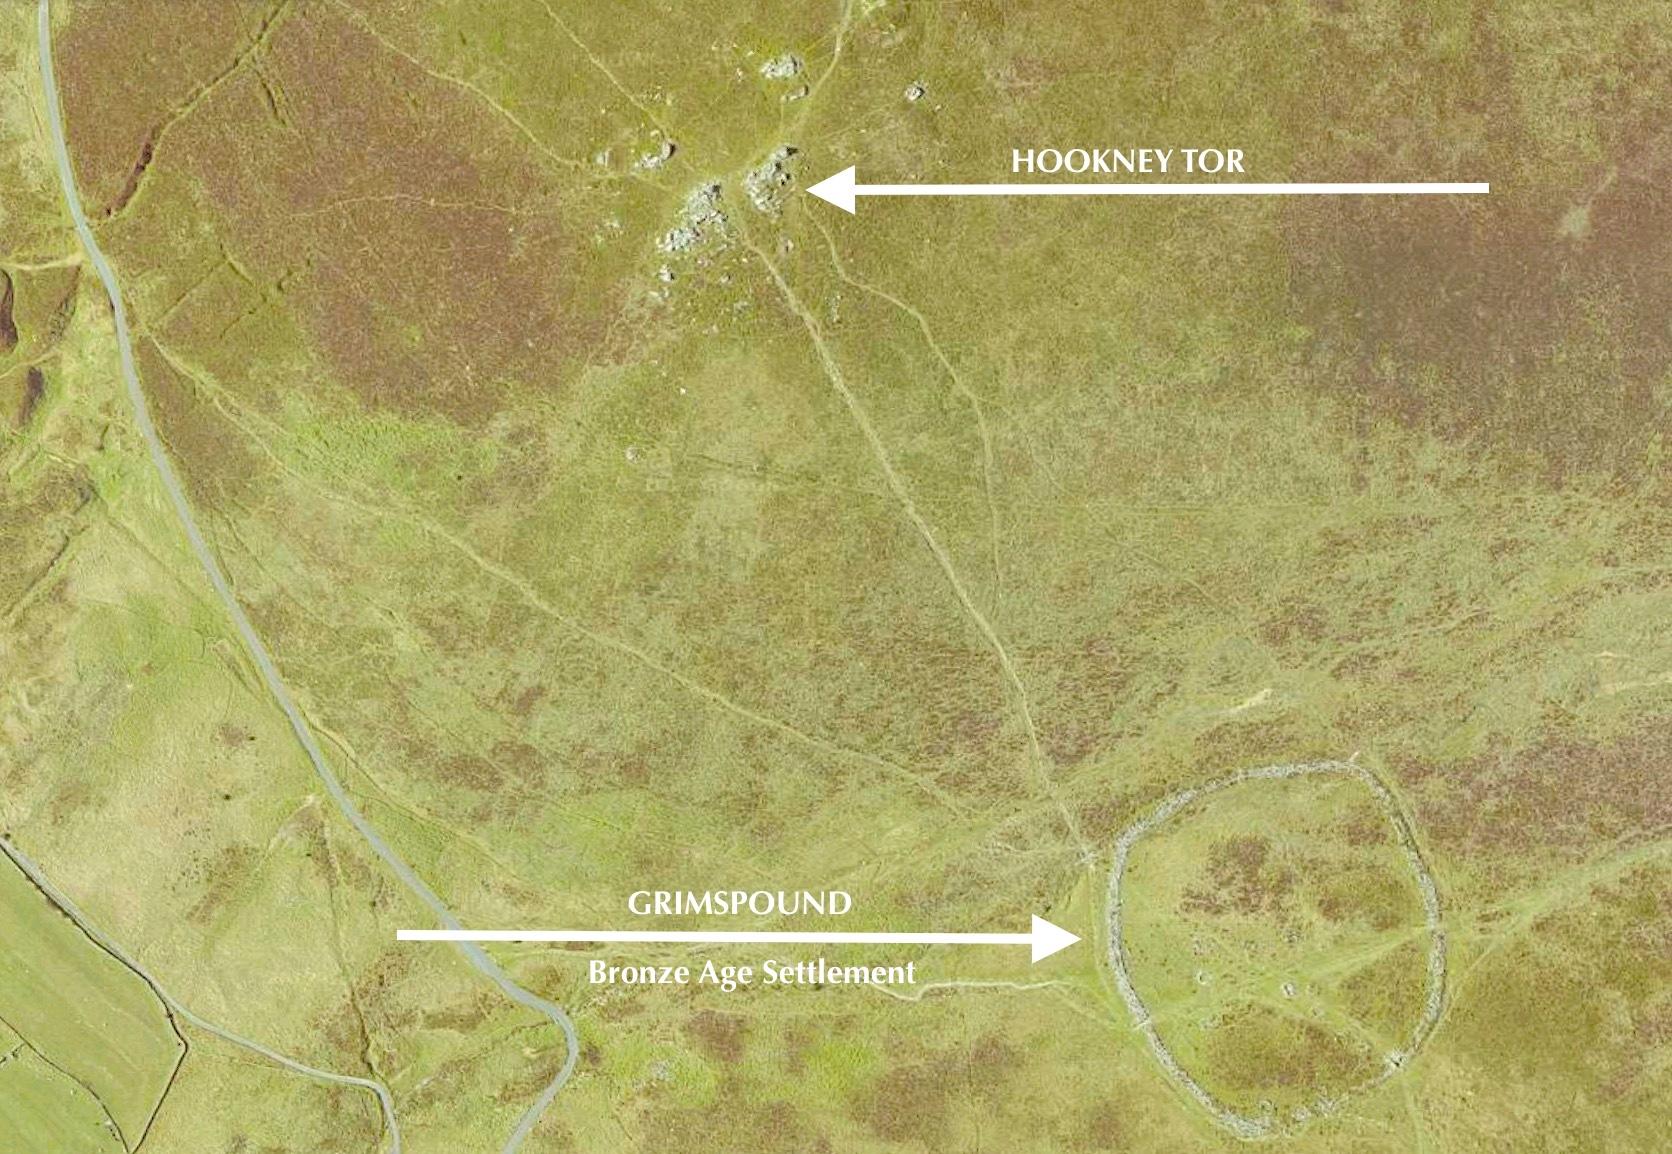 Hookney Tor & Grimspound Dartmoor - Map